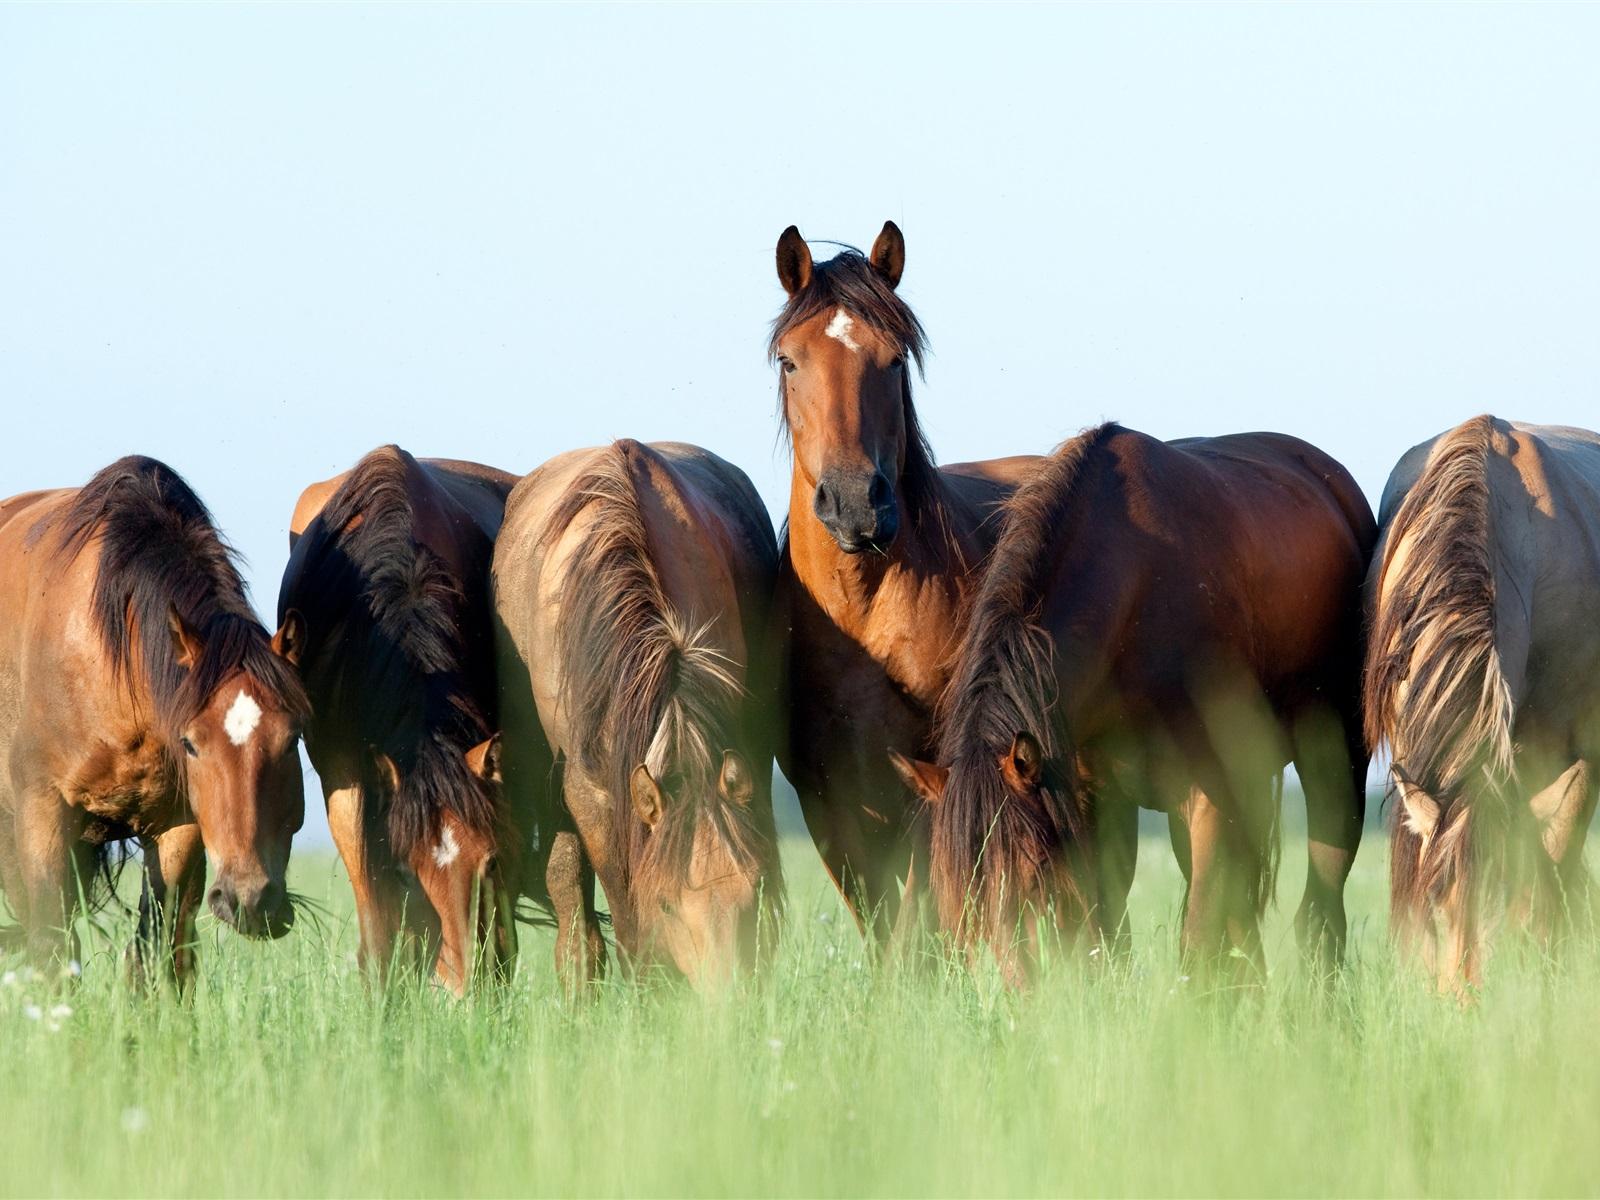 Wallpaper Horses Graze, Grass, Summer 3840x2160 UHD 4K